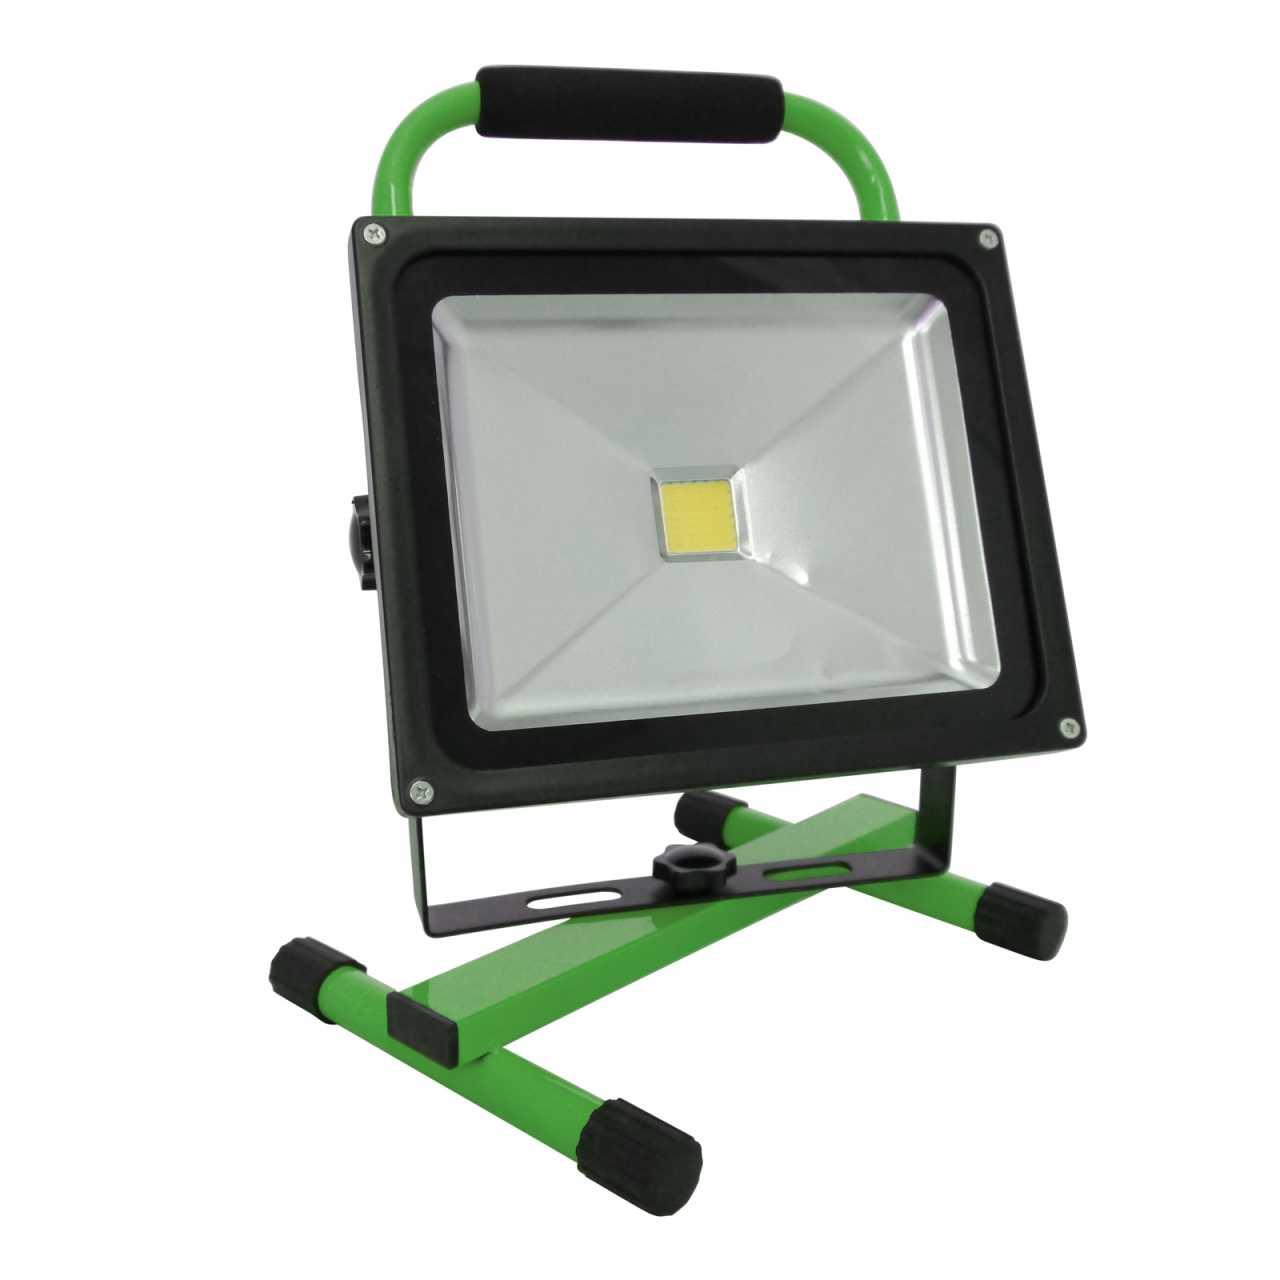 Grafner LED Baustrahler 20 Watt 4400 mAh Akku in Grün Flutlicht